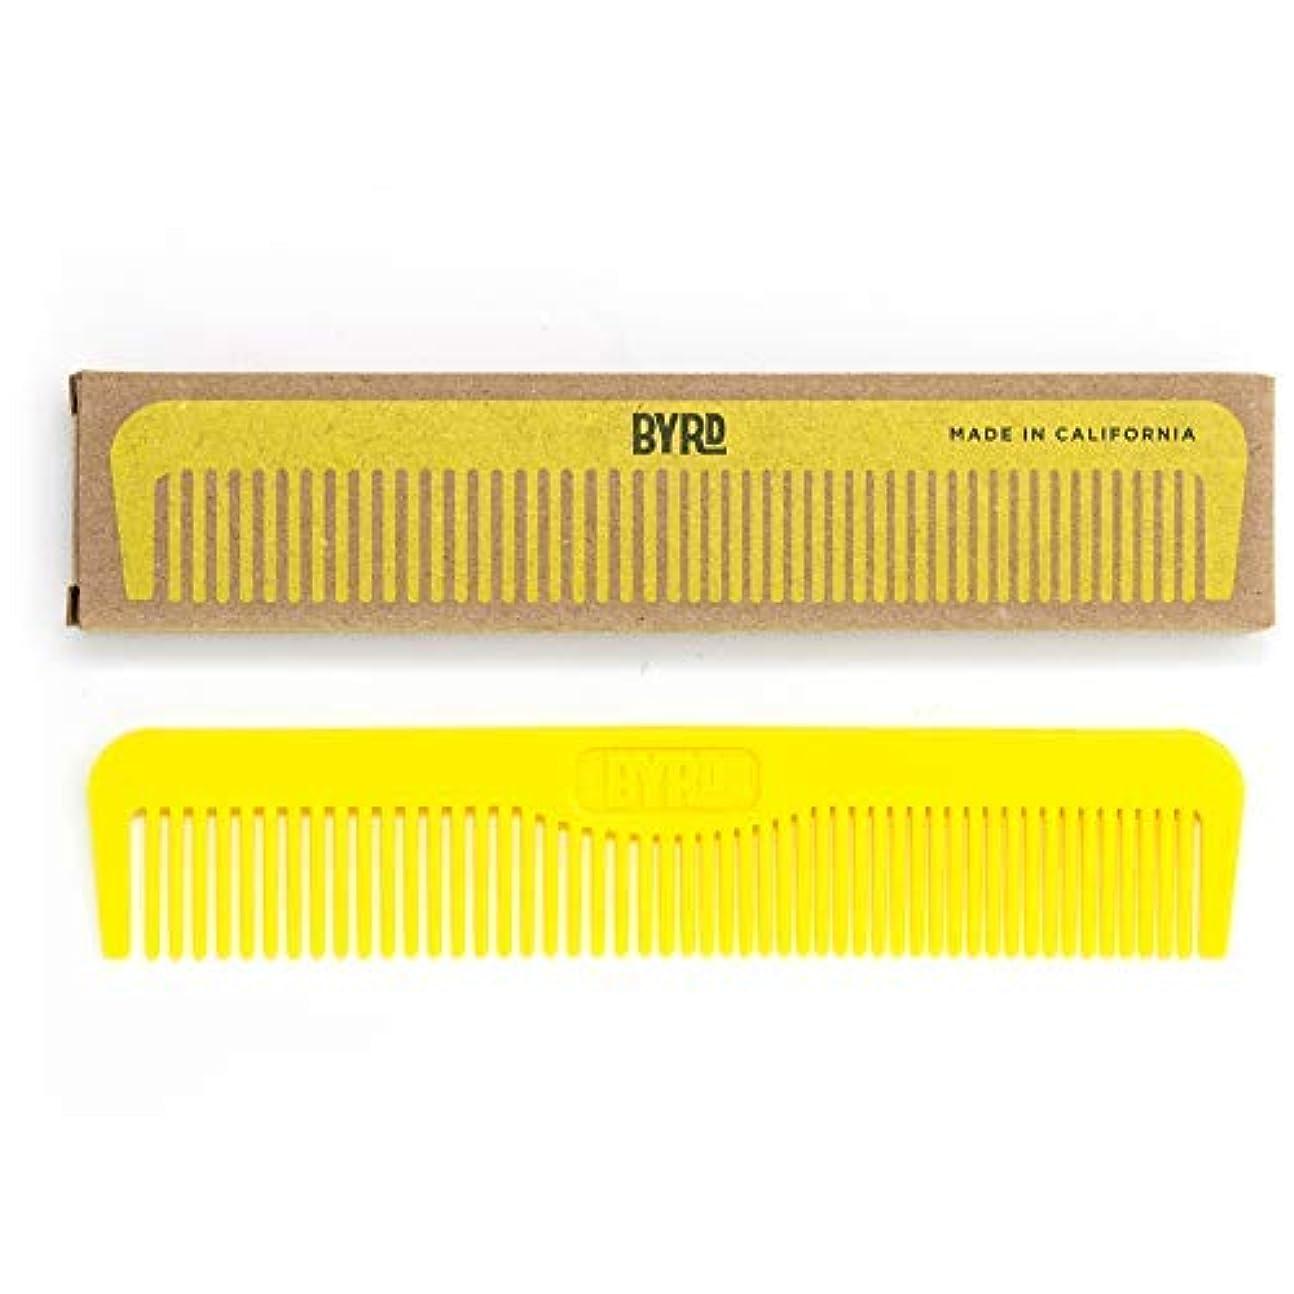 テナント手足責めるBYRD Pocket Comb - Durable, Flexible, Tangle Free, Styling Comb, For All Hair Types, Back Pocket Friendly [並行輸入品]